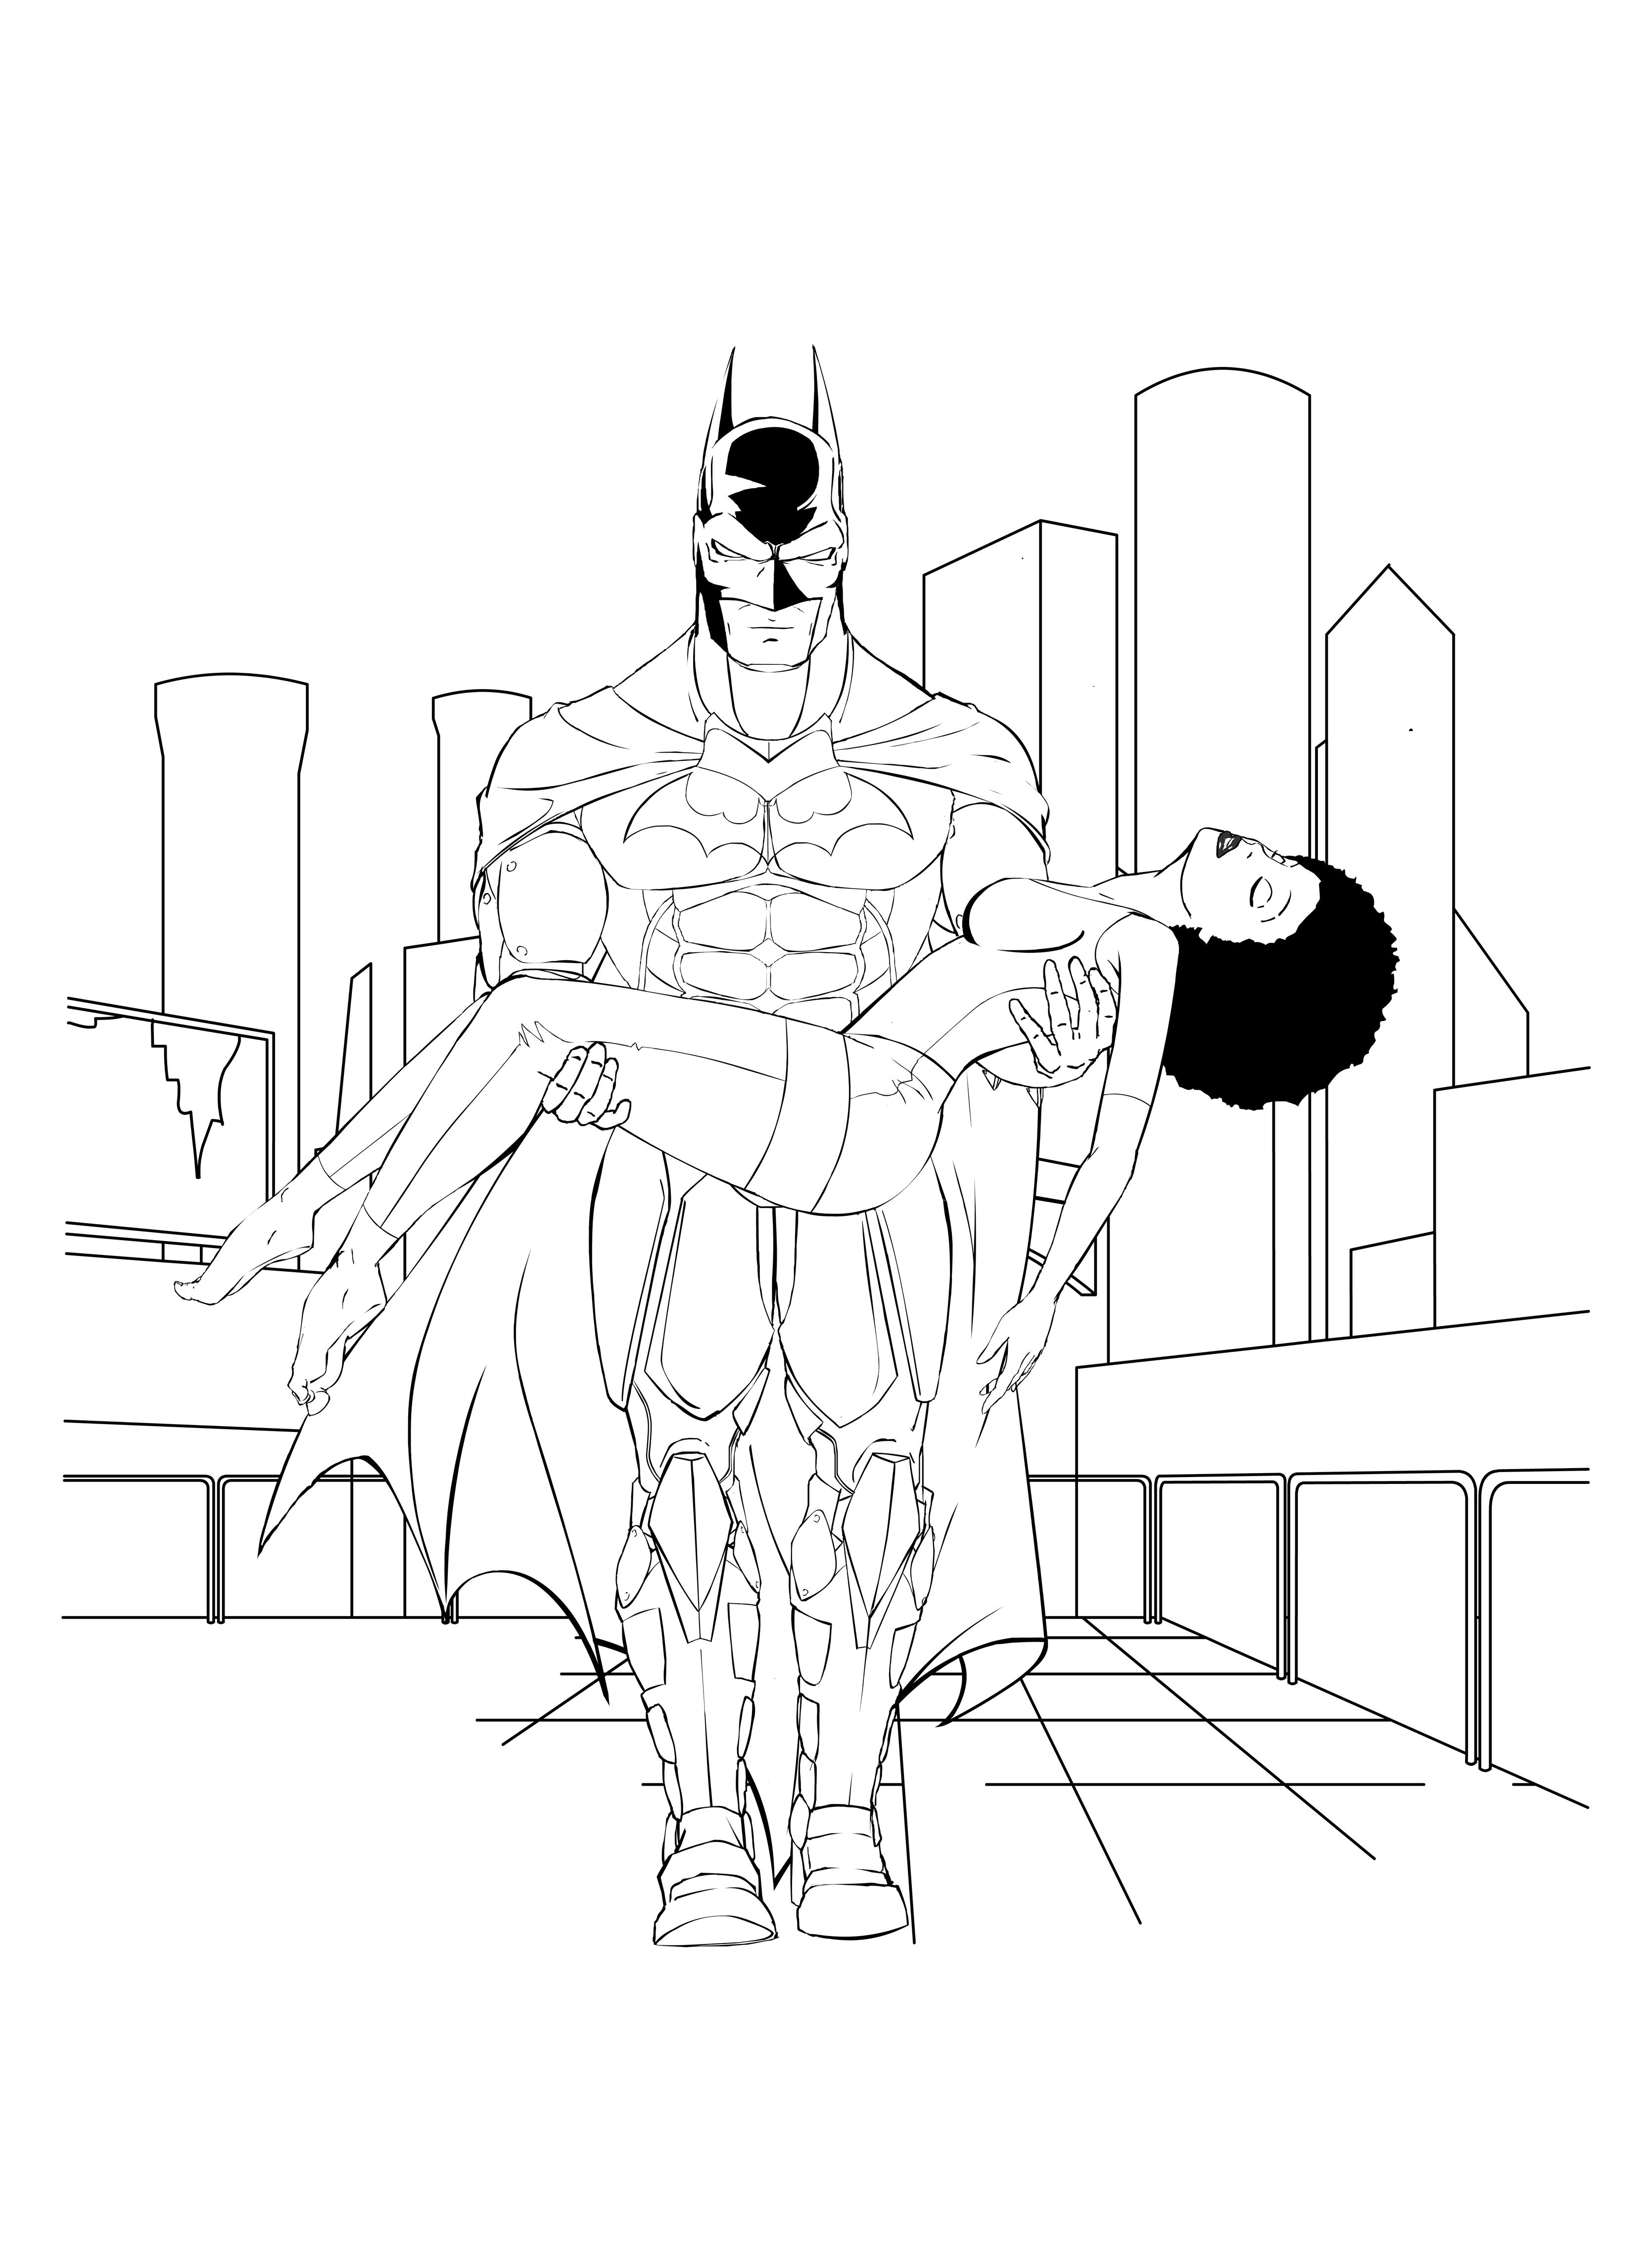 Batman saves Simone